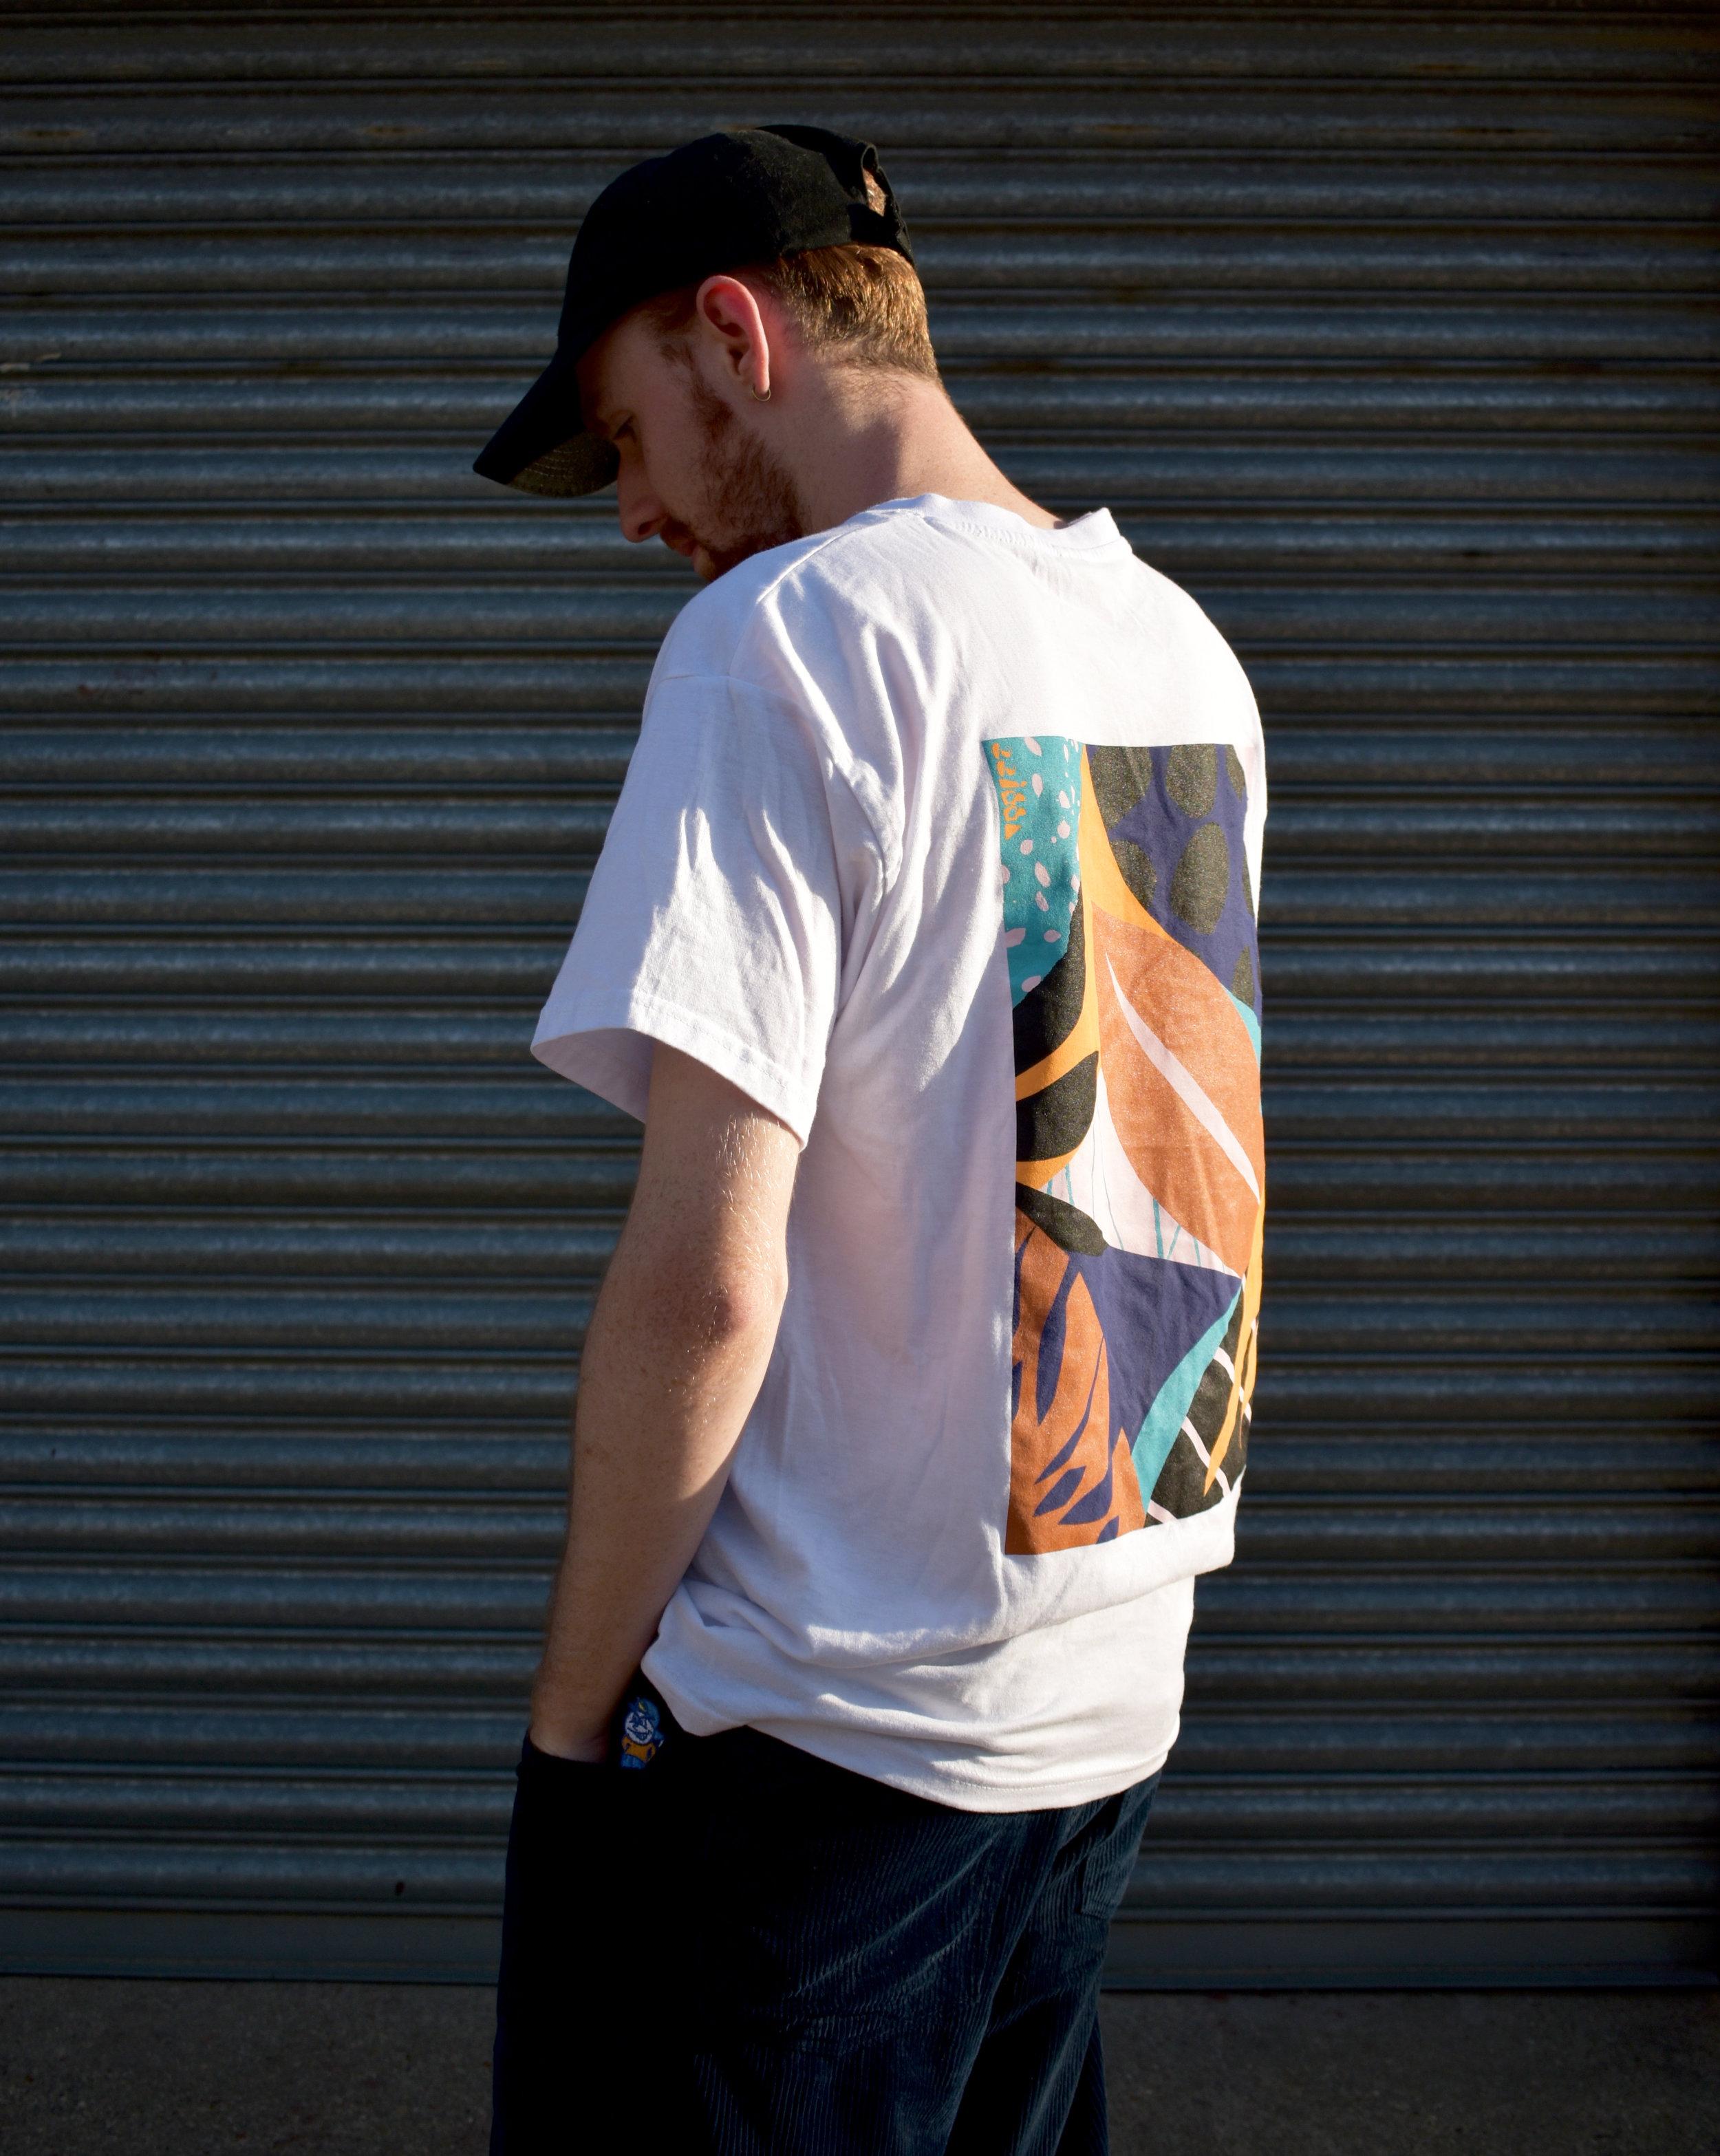 shirtphoto1.jpg